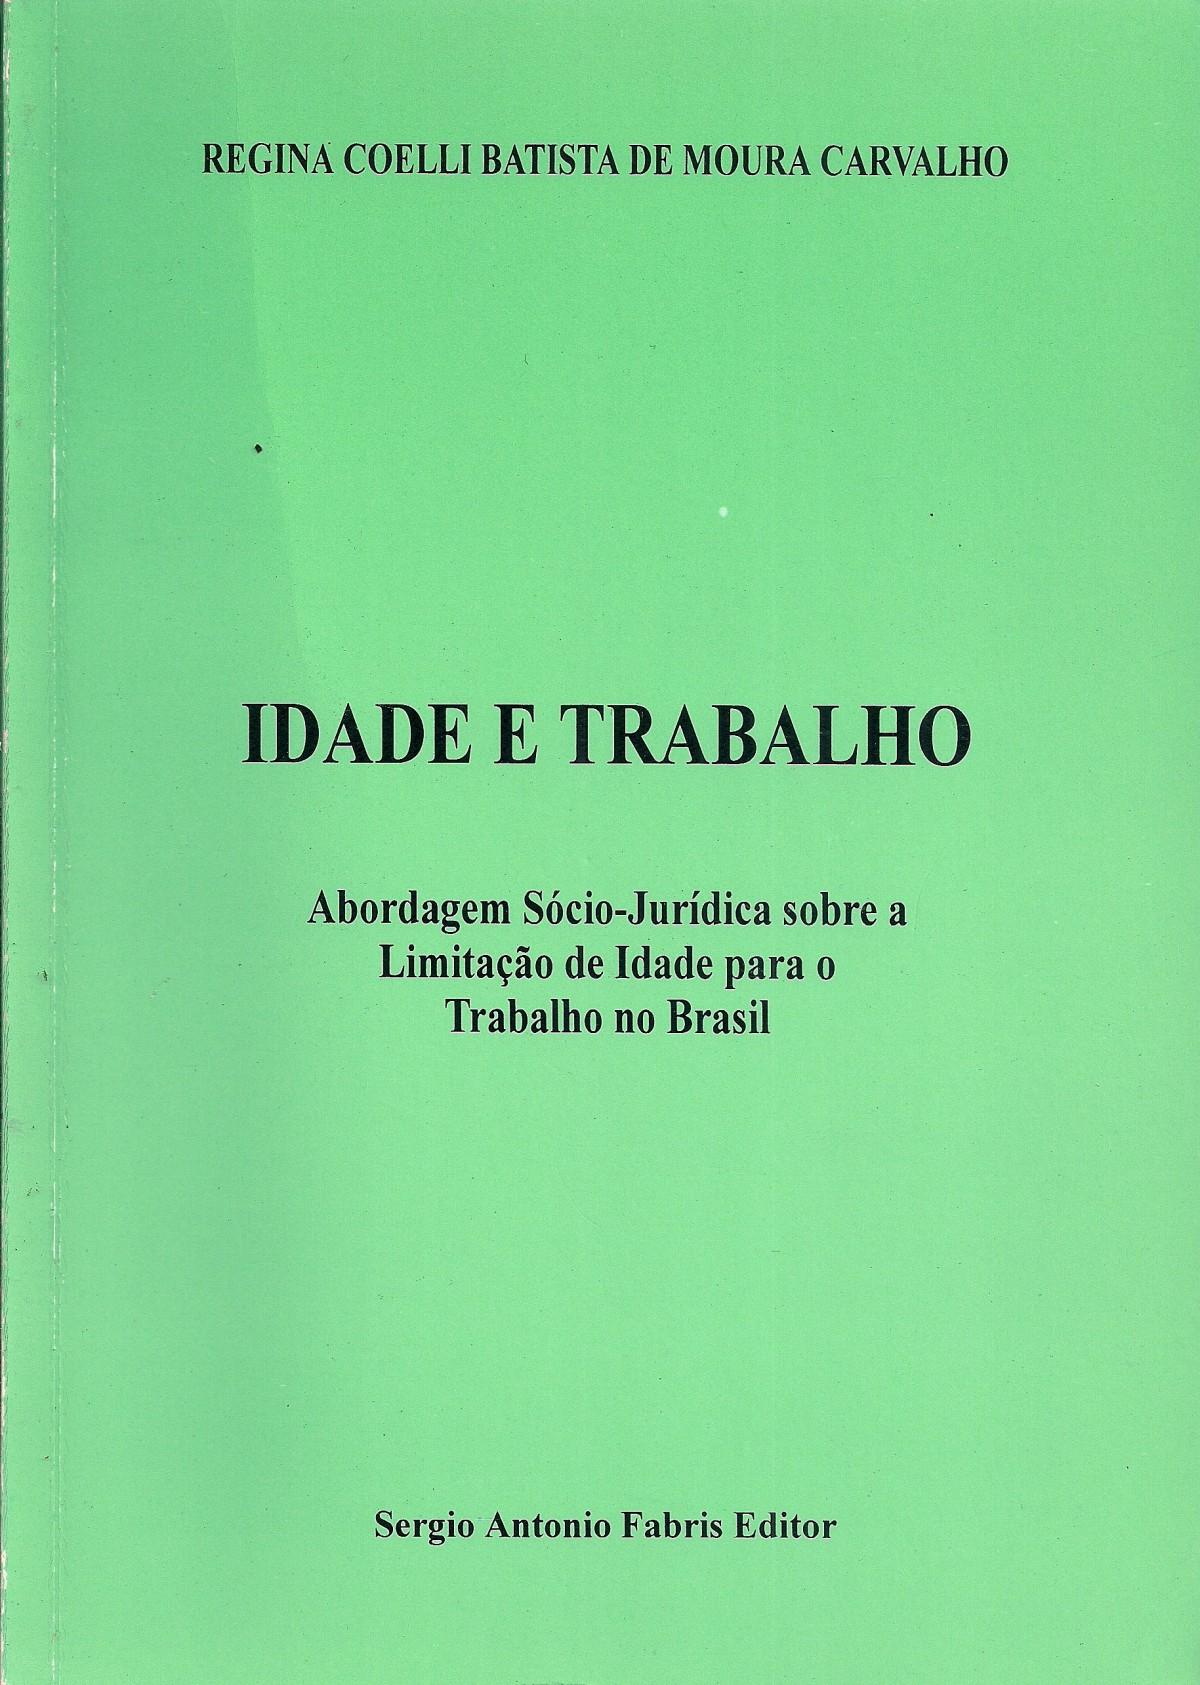 Foto 1 - Idade e Trabalho: Abordagem Sócio-Jurídica sobre a Limitação de Idade para o Trabalho no Brasil